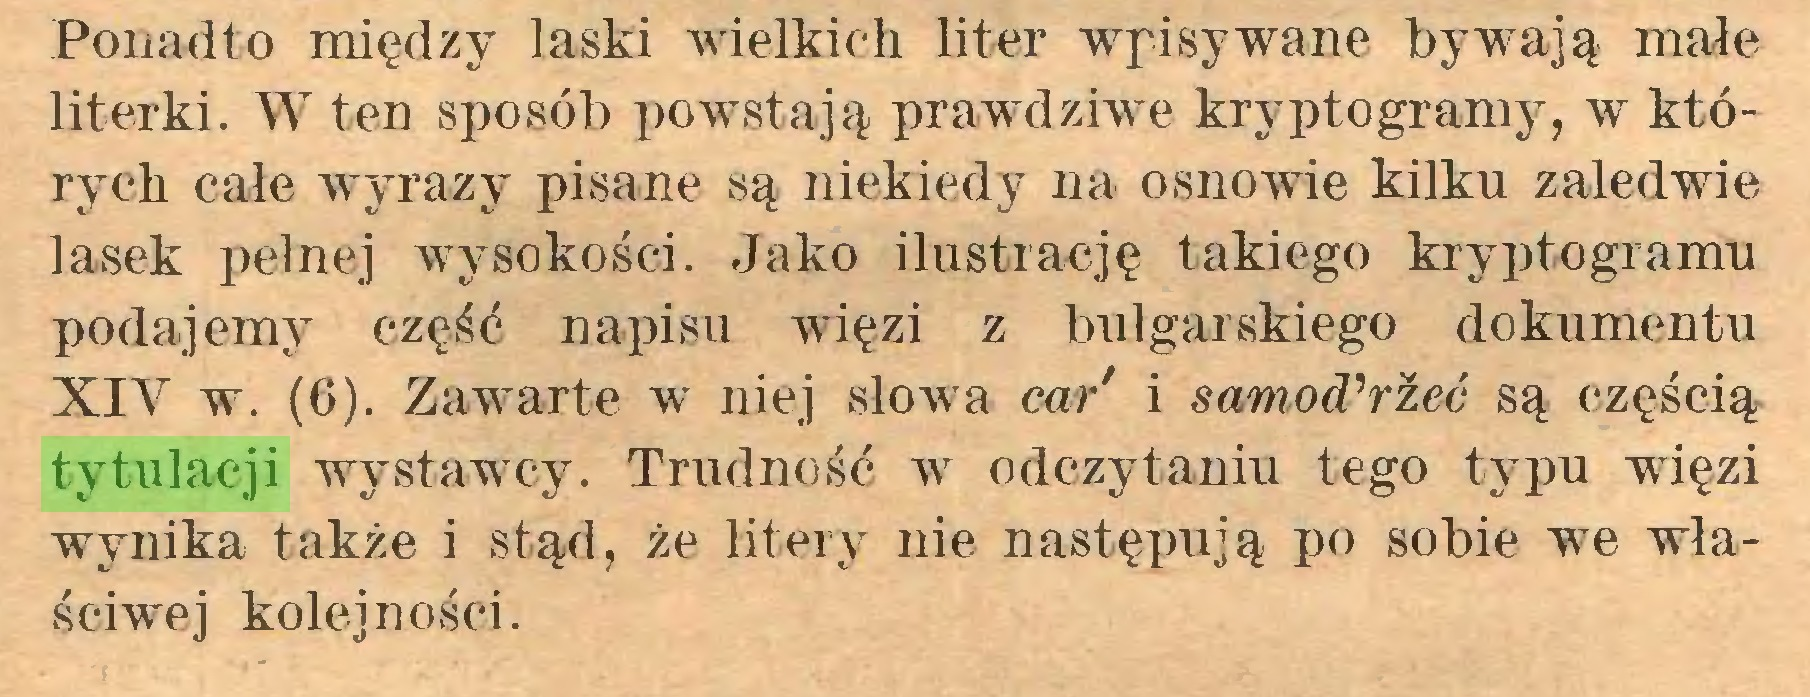 (...) Ponadto między laski wielkich liter wypisywane bywają małe literki. W ten sposób powstają prawdziwe kryptogramy, w których całe wyrazy pisane są niekiedy na osnowie kilku zaledwie lasek pełnej wysokości. Jako ilustrację takiego kryptogramu podajemy część napisu więzi z bułgarskiego dokumentu XIV w. (6). Zawarte w niej słowa car' i samotrzeć są częścią tytulacji wystawTcy. Trudność w7 odczytaniu tego typu więzi wynika także i stąd, że litery nie następują po sobie we właściwej kolejności...